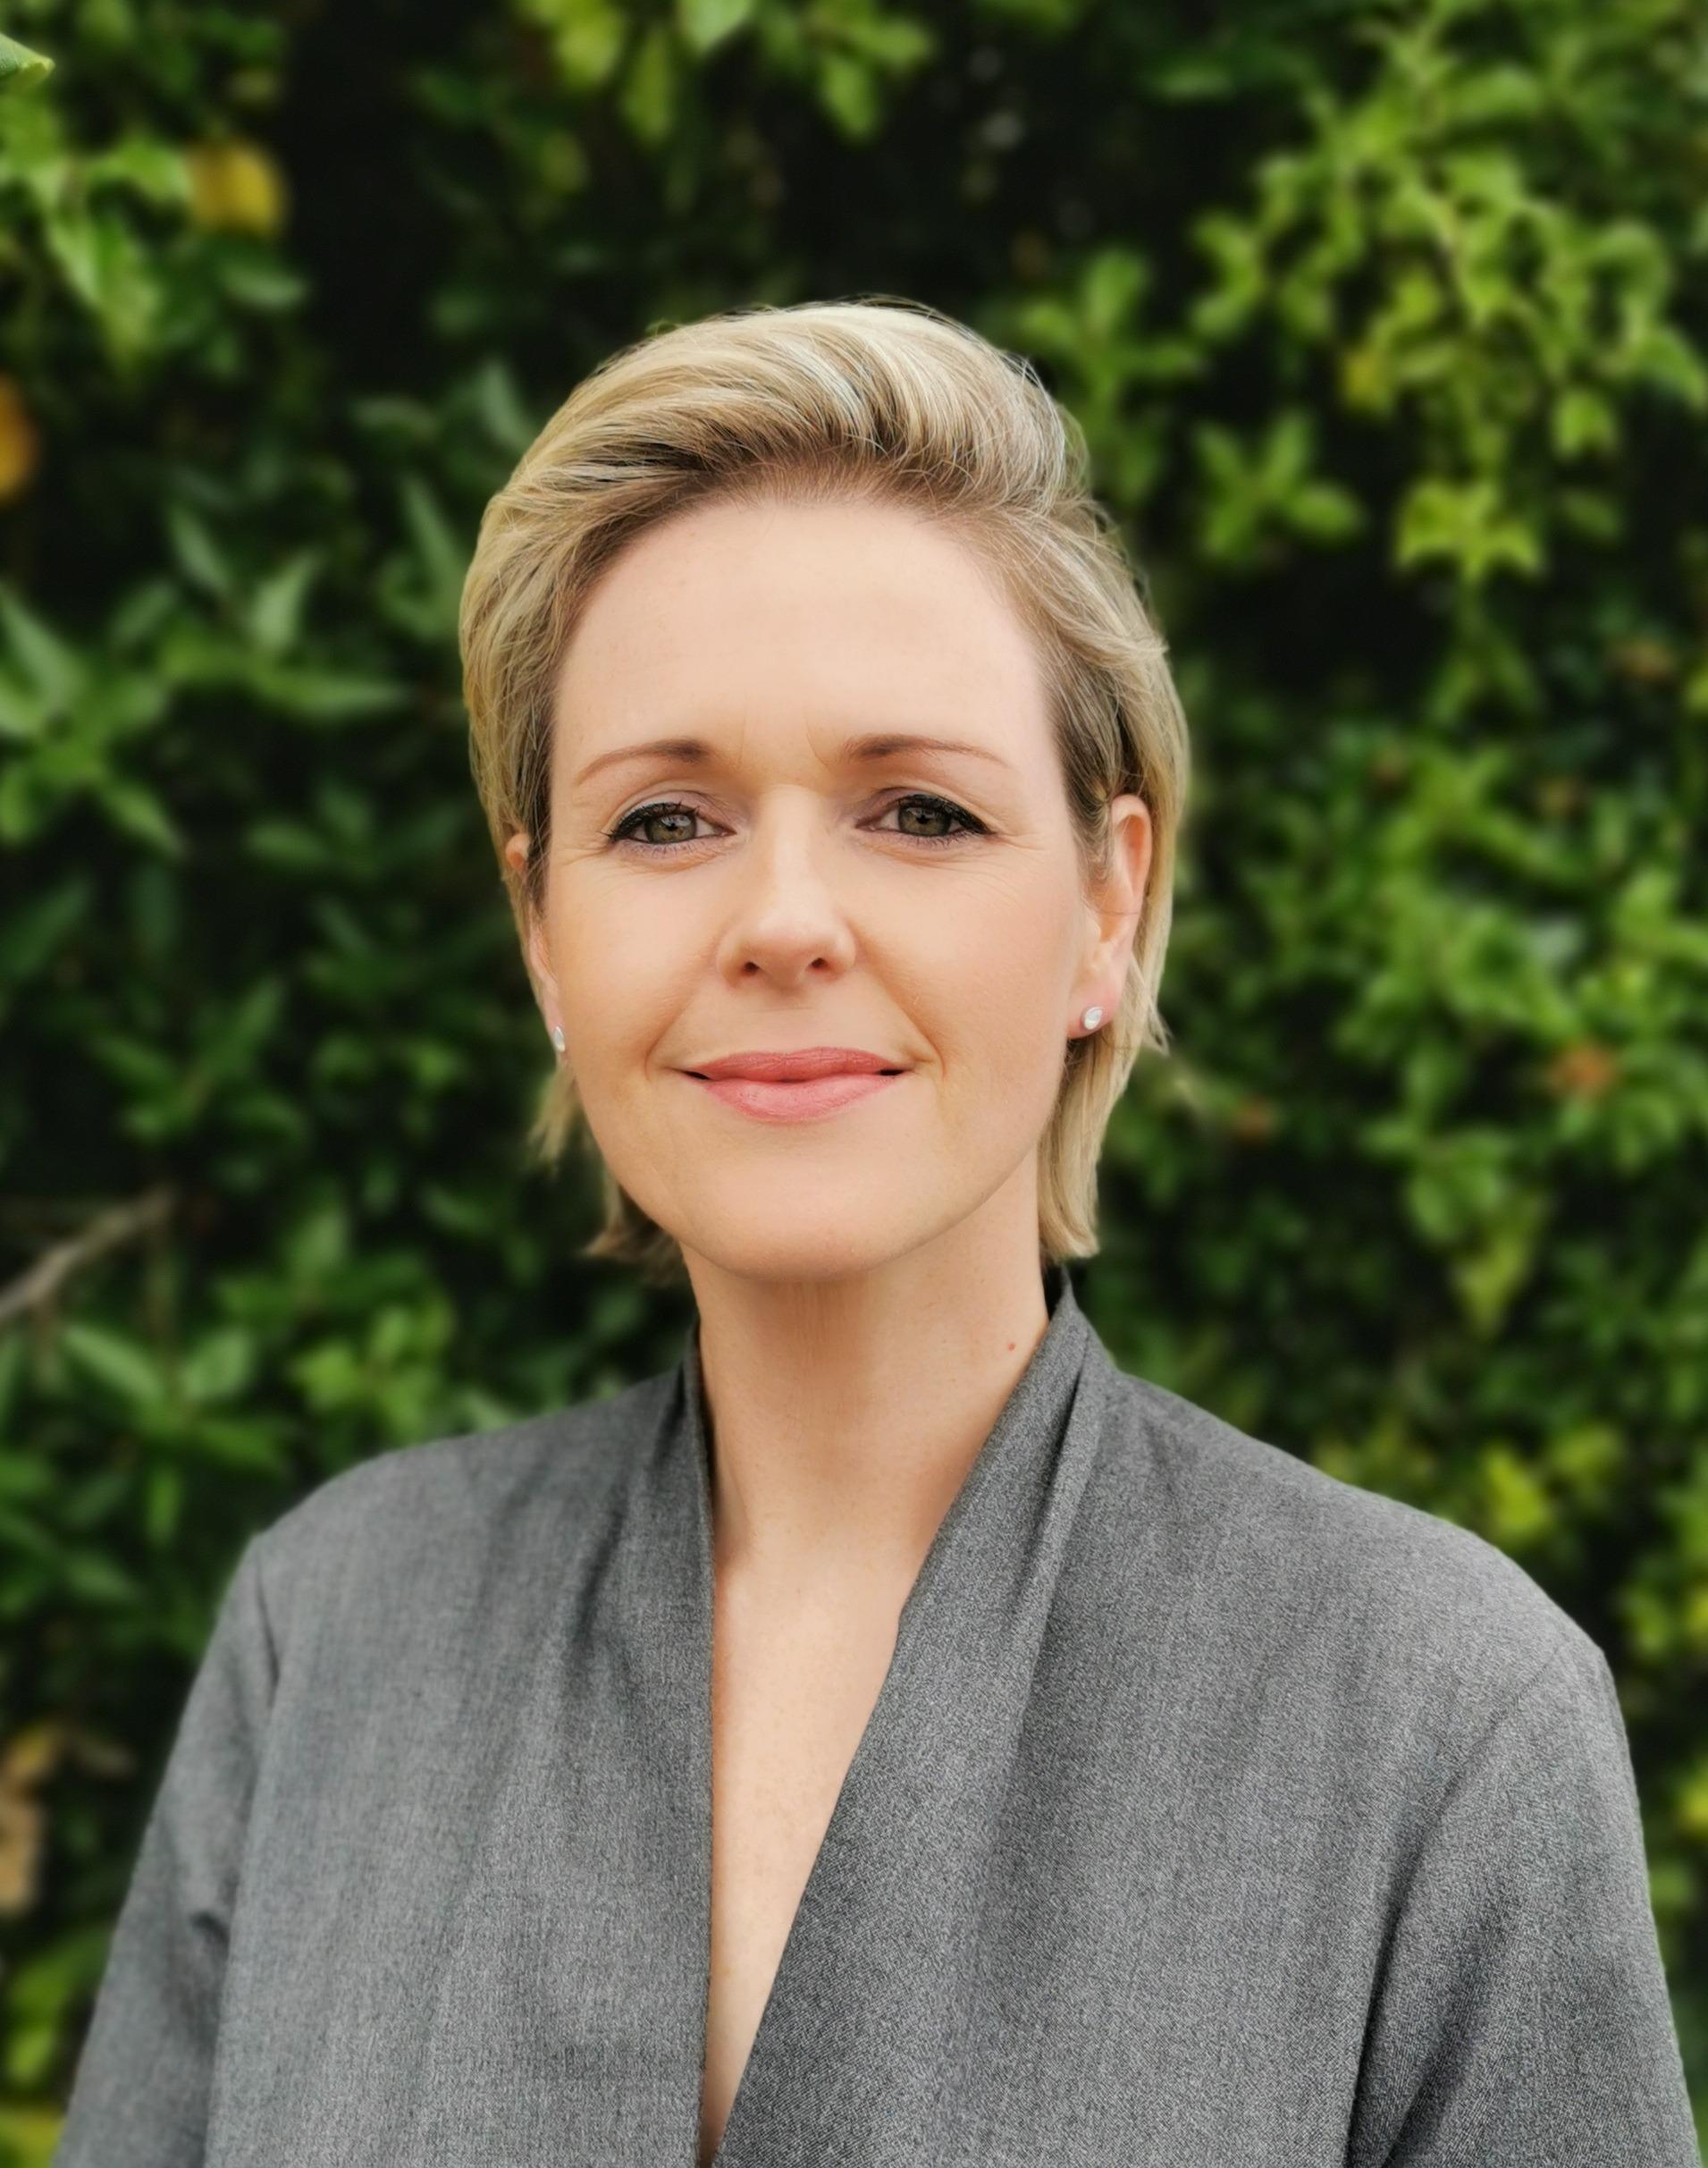 Helen Irish